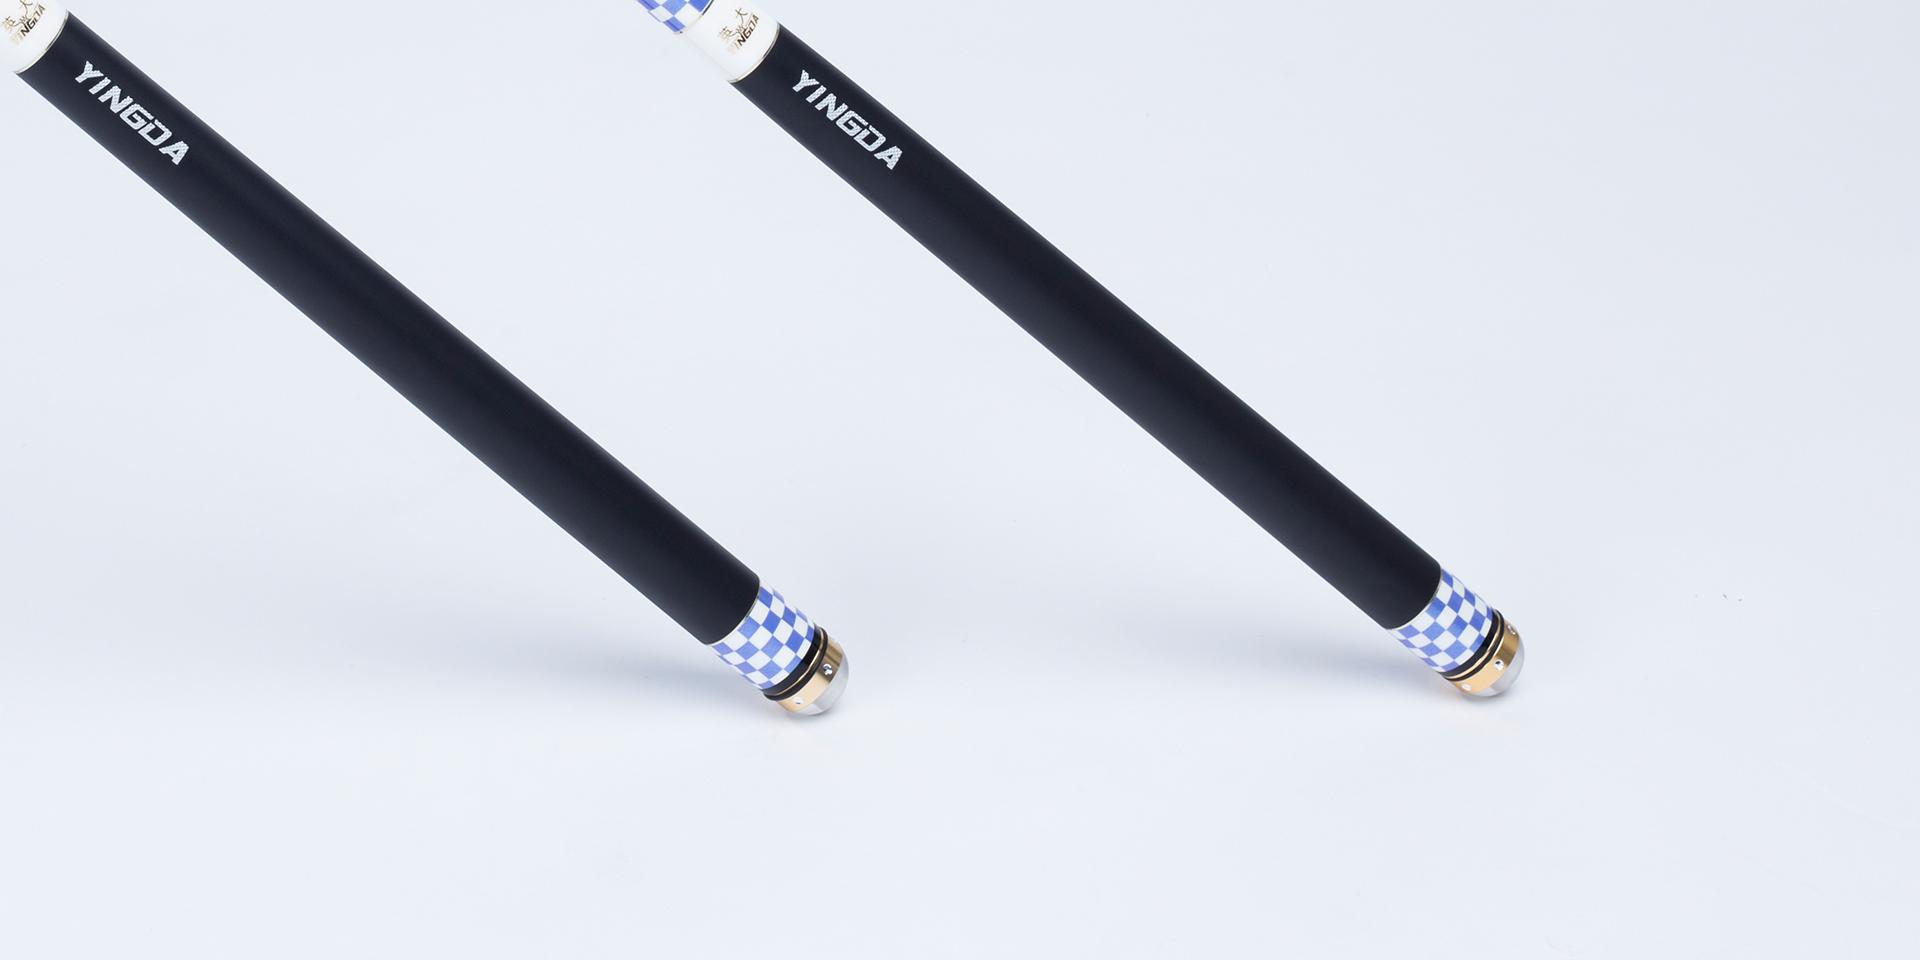 高级橡胶防滑手把,握感舒适,搭配合金嵌钻工艺水晶(前)后堵可360°旋转隐藏失手环(此项已获得国家专利保护)